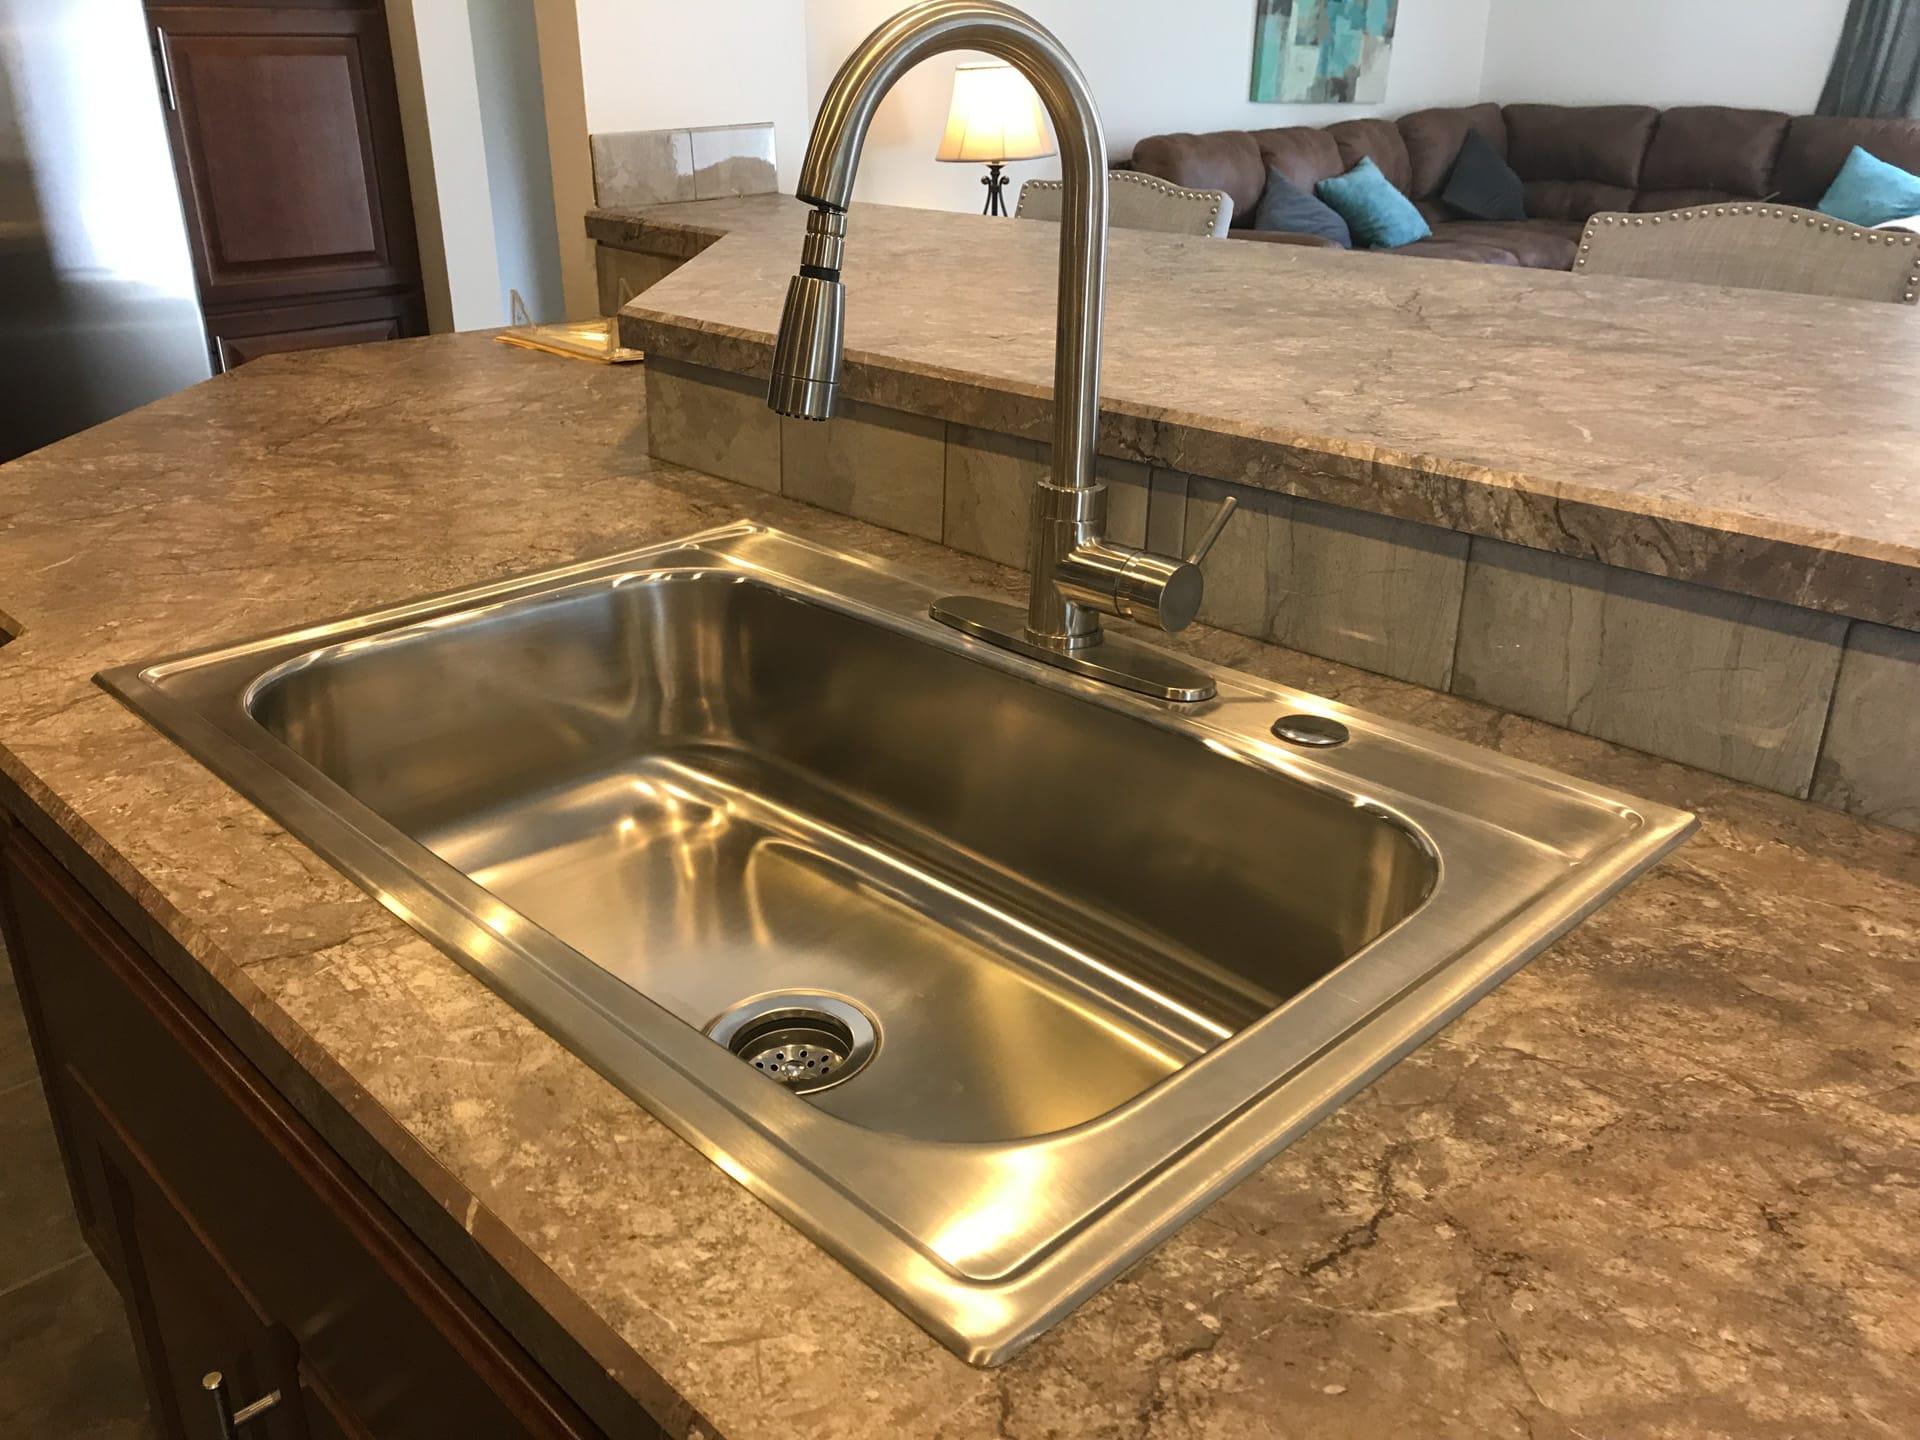 Princeton stainless steel kitchen sink